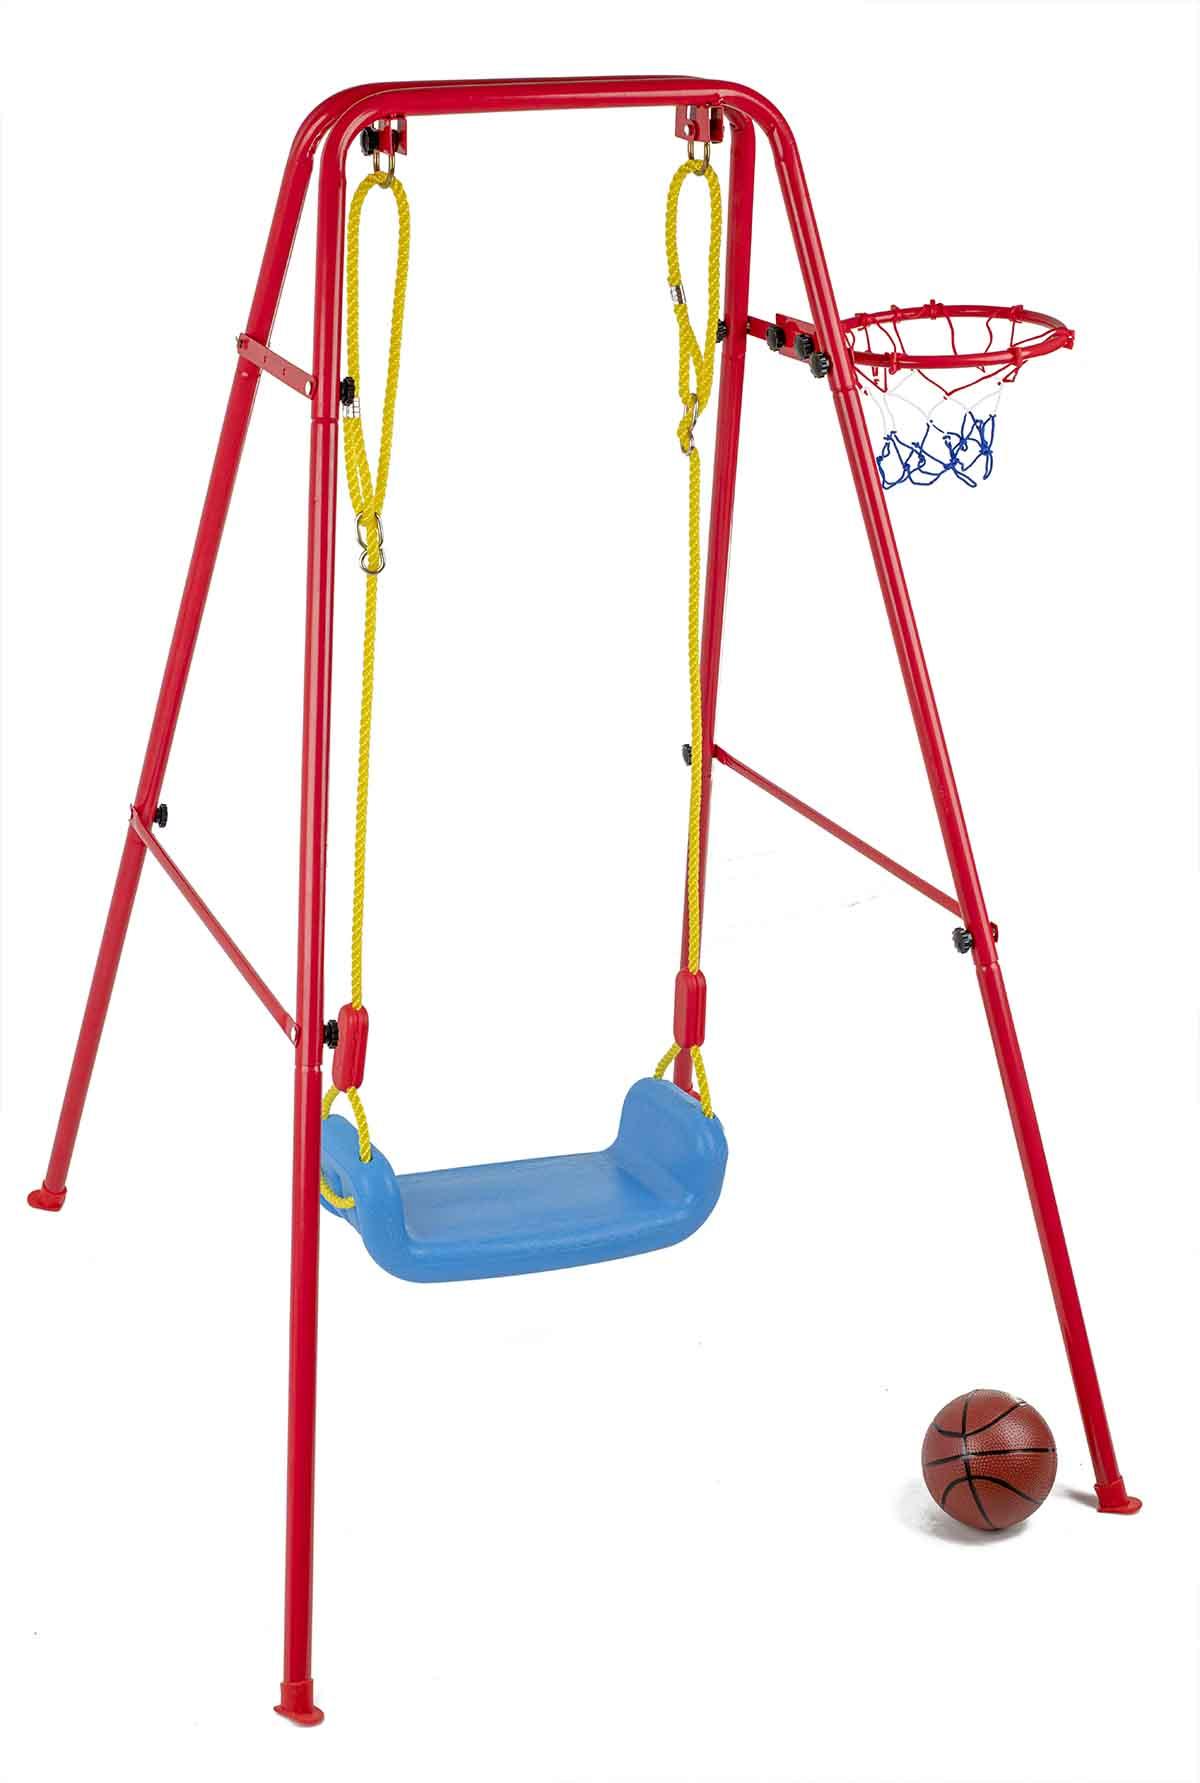 Dětská houpačka s basketbalovým košem